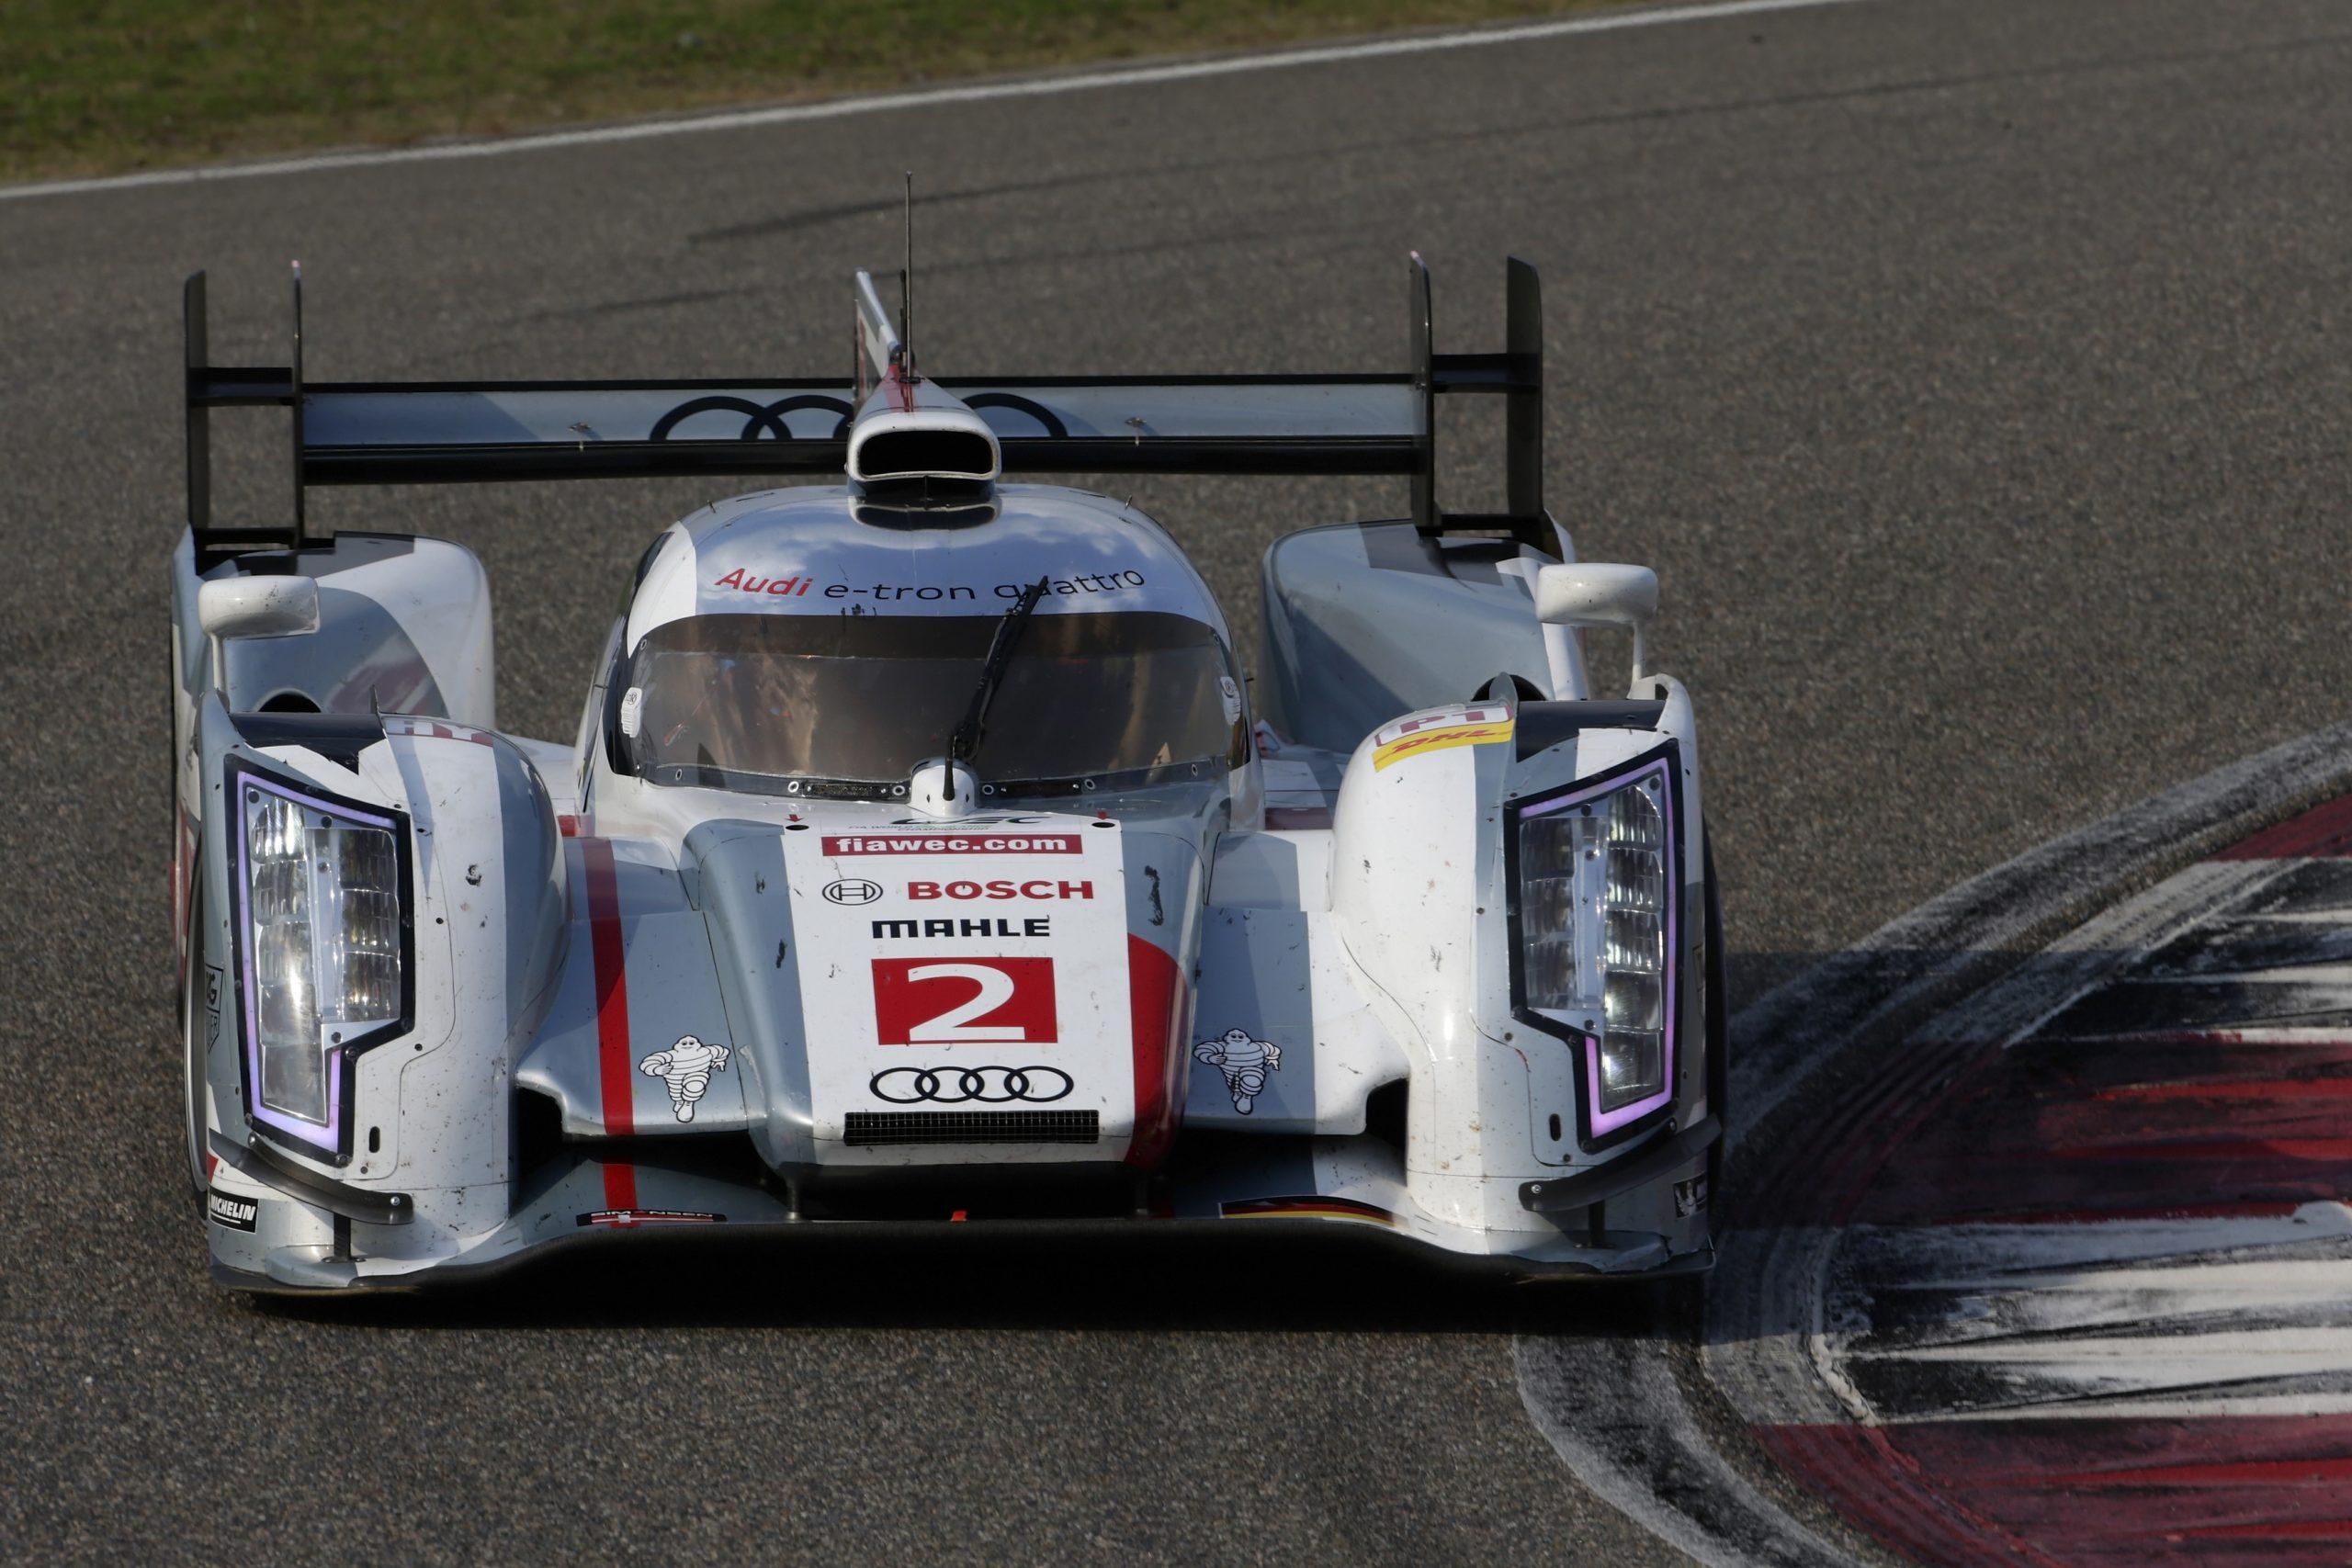 Audi R18 e-tron quattro #2 (Audi Sport Team Joest), Loïc Duval (F), Tom Kristensen (DK), Allan McNish (GB)